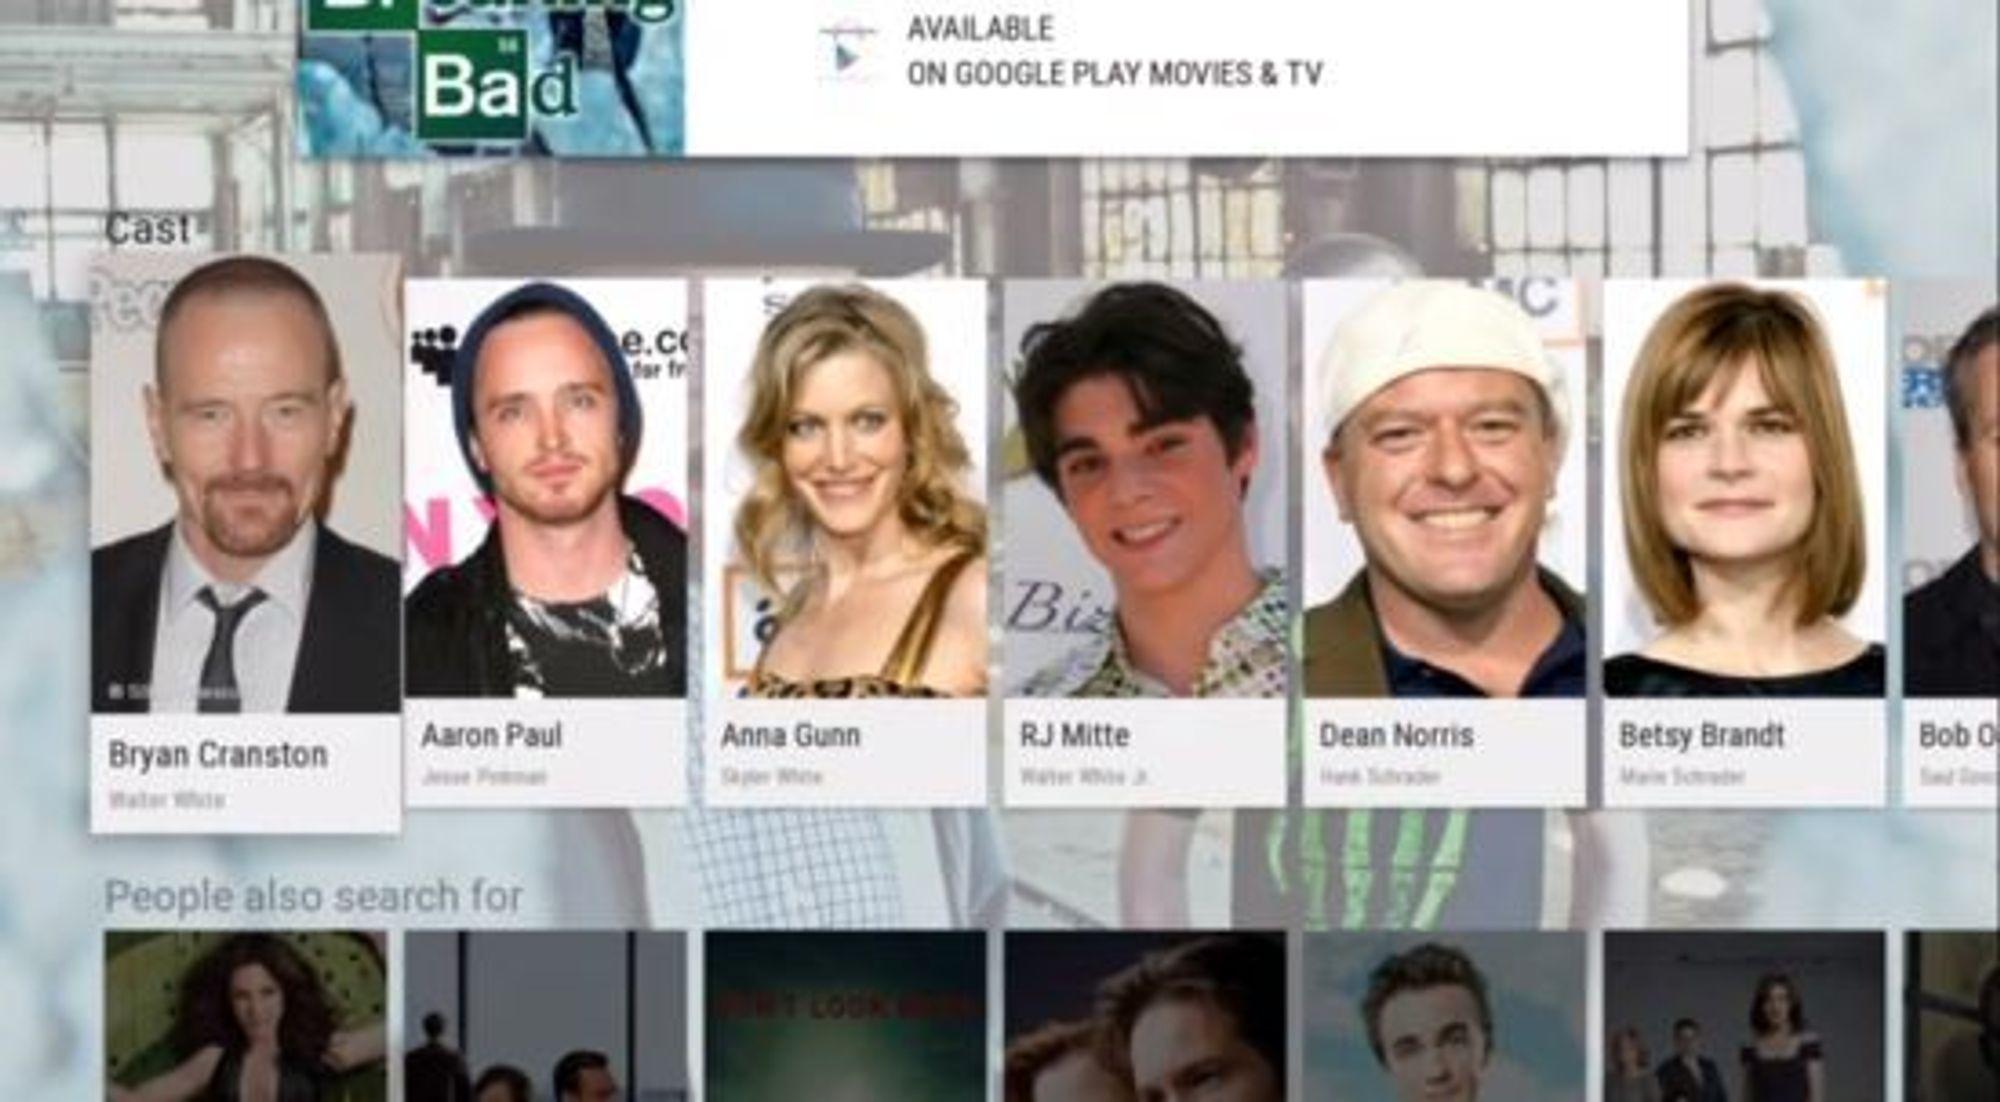 Søkegrensesnittet til Android TV.